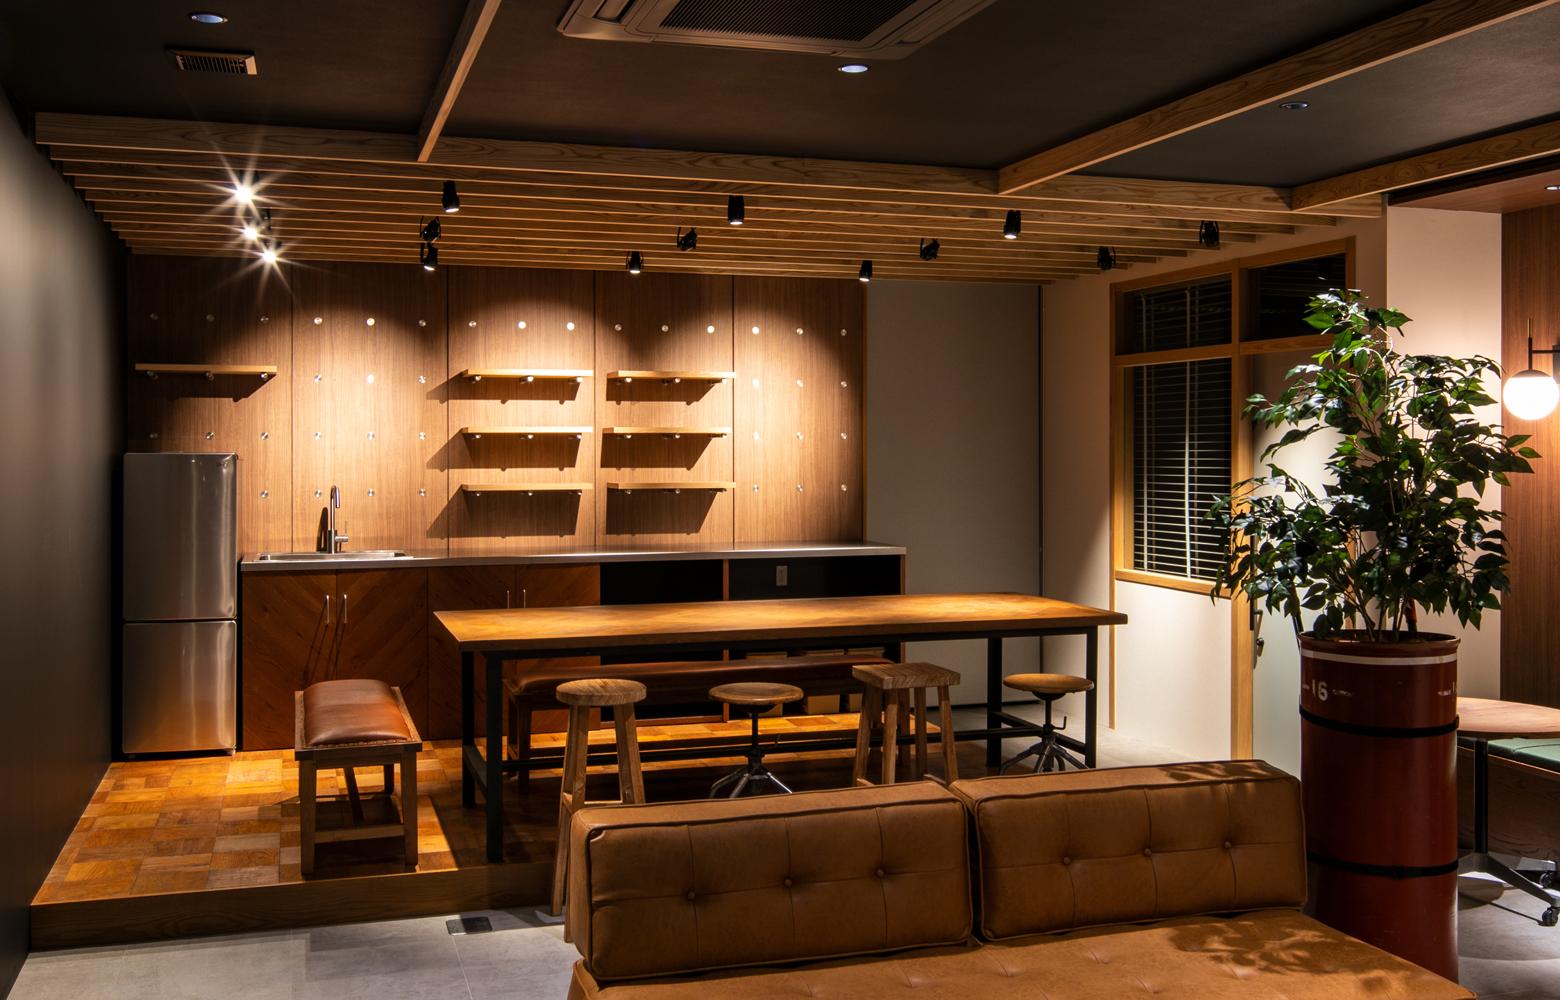 株式会社ヨコハマ機工 Kitchen Space デザイン・レイアウト事例